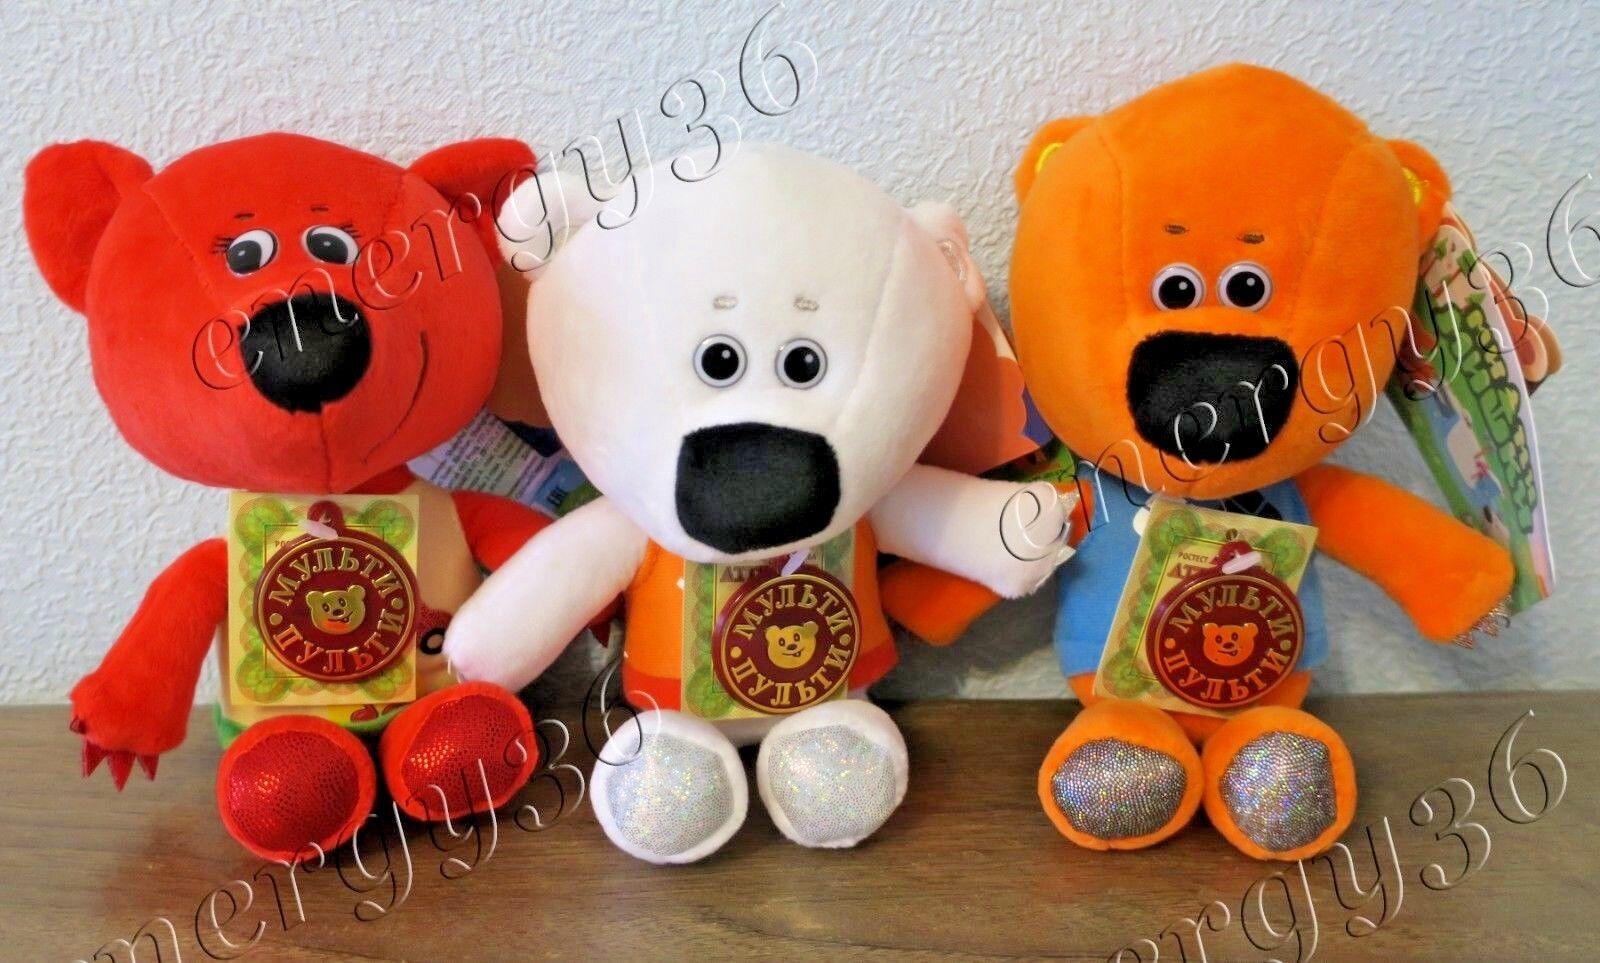 Hablando de juguetes suaves: Oso nube blanca, Oso keshka, muerte Mi-mi-Mishki